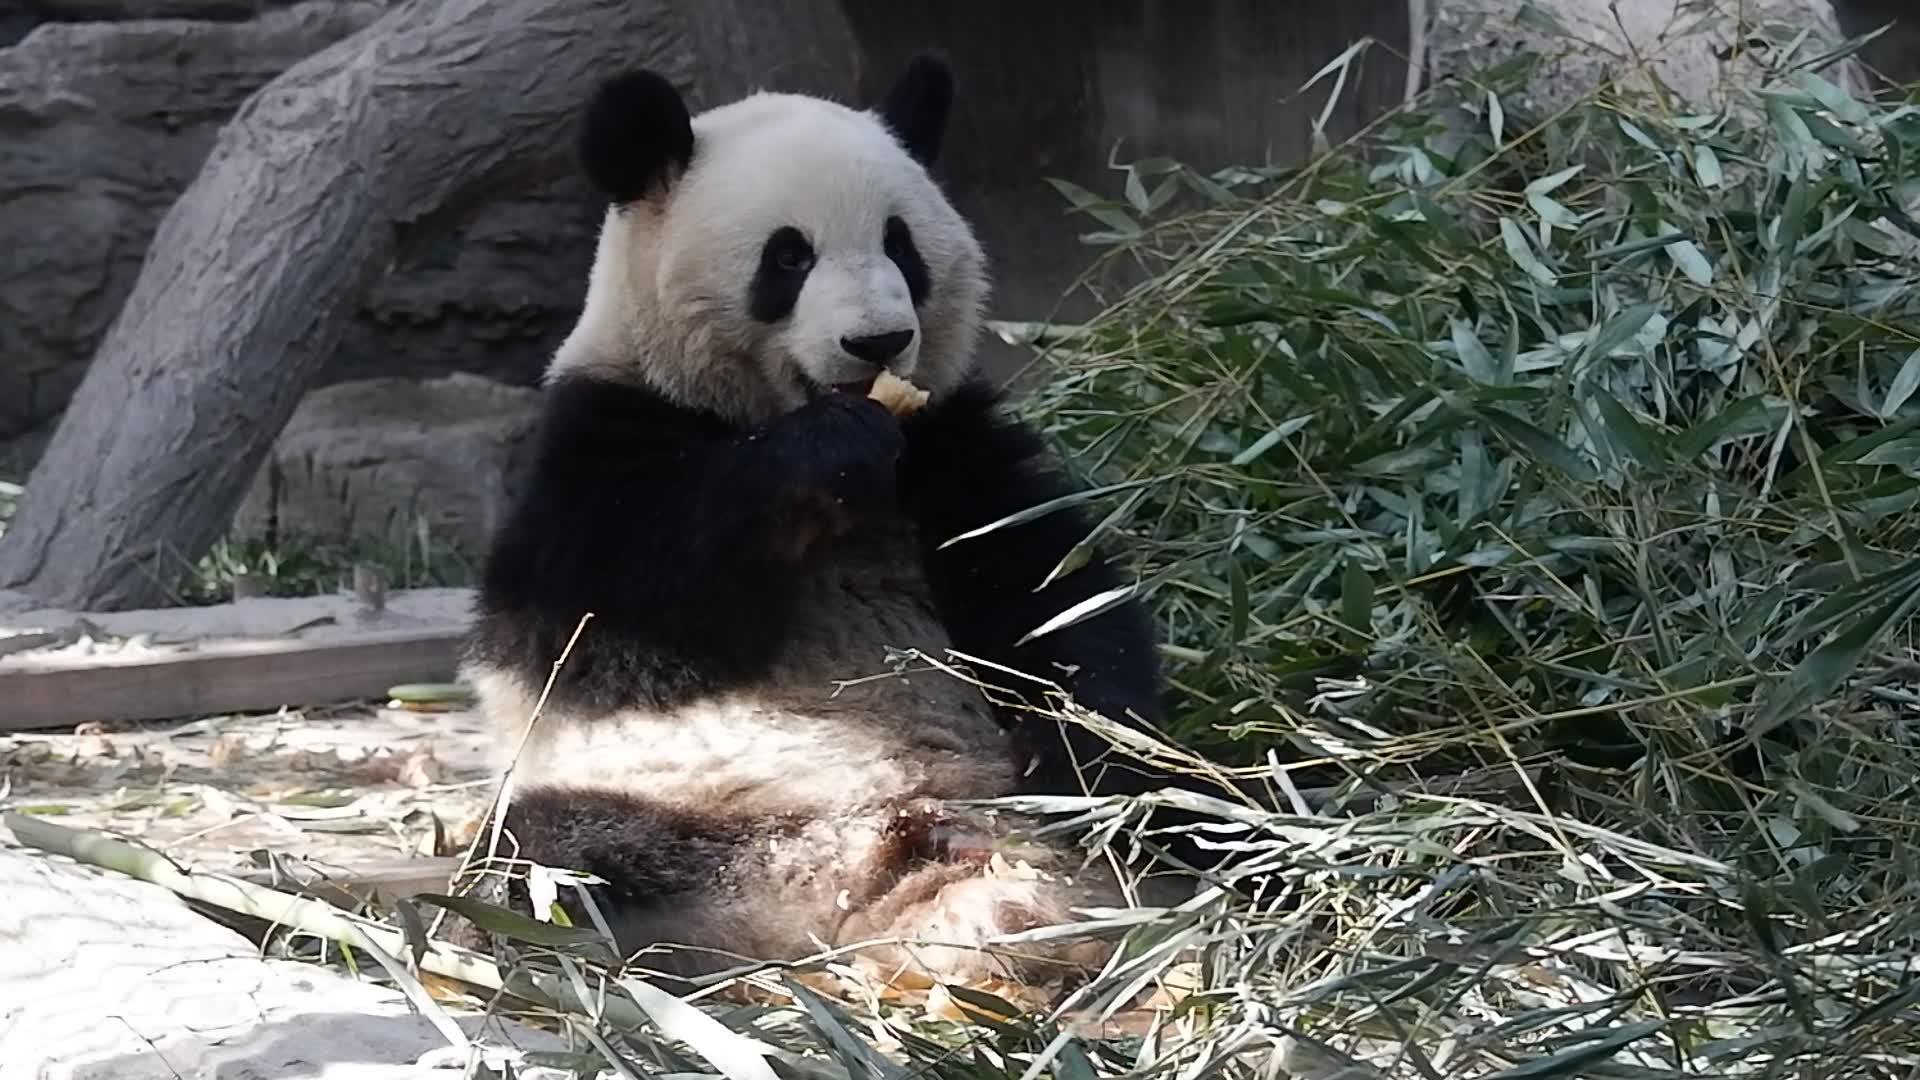 大熊猫萌兰么么下午茶吃笋咯还要一手一个